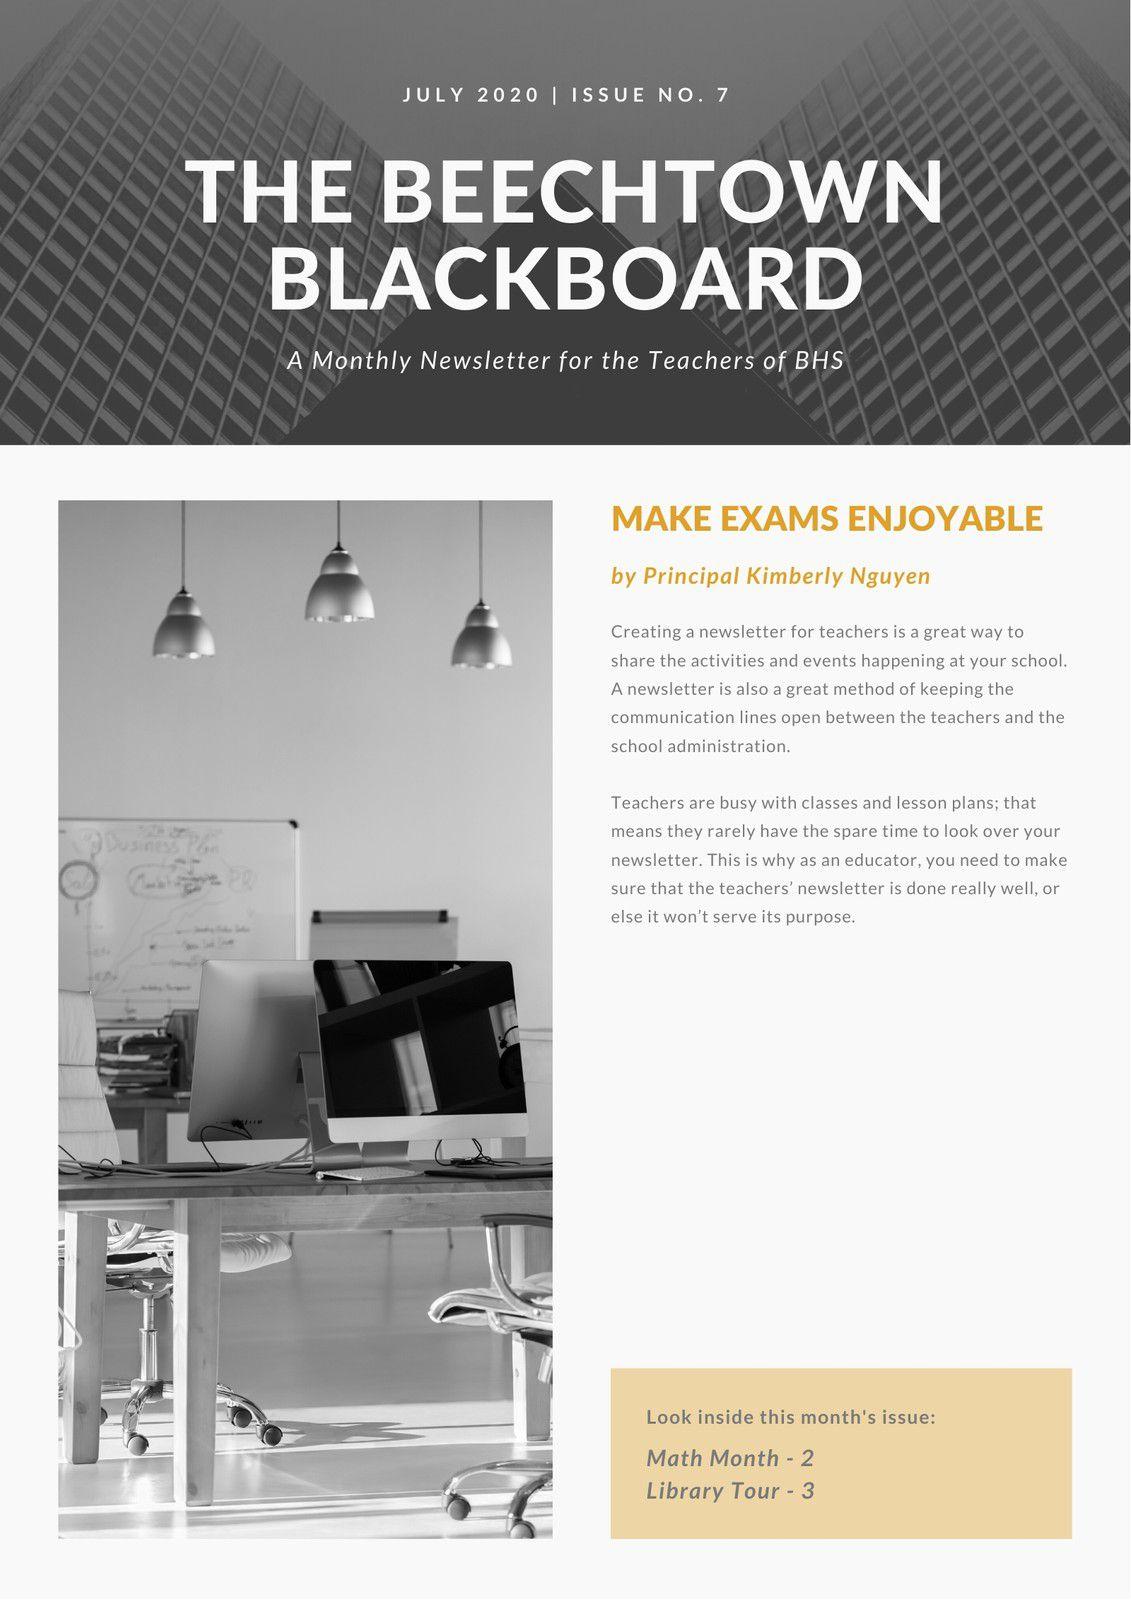 002 Imposing Newsletter Template For Teacher High Resolution  Teachers To Parent Free Printable DigitalFull